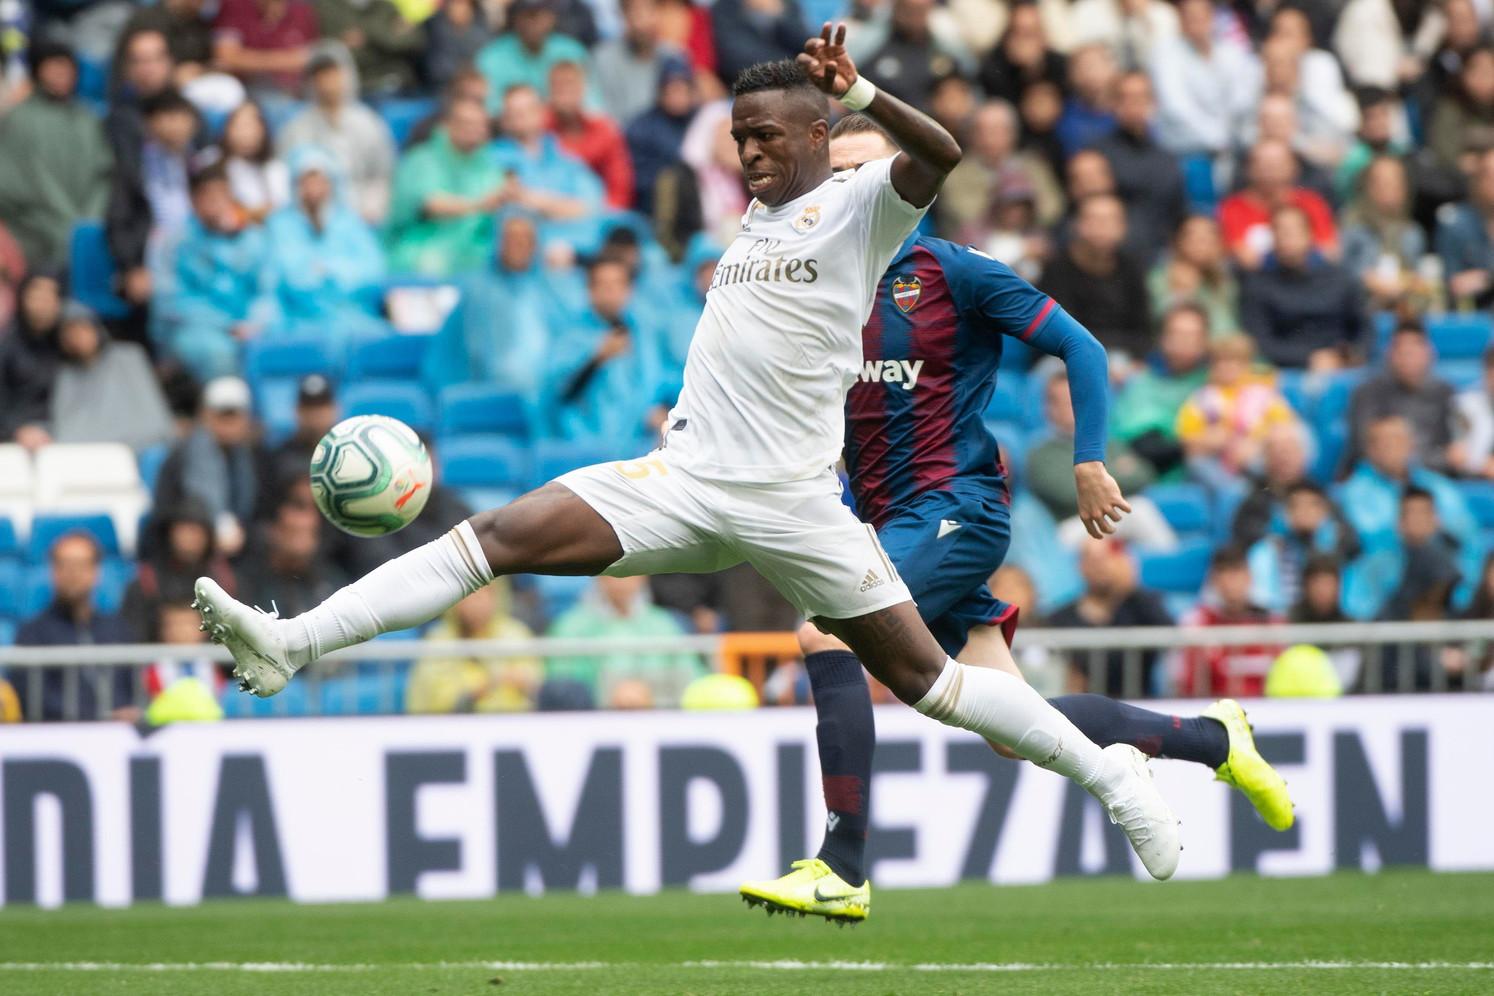 VINICIUS Junior (Real Madrid, 12 luglio): attaccante brasiliano, strano rapporto con il club madrileno, ma talento straordinario, già convocato per la Seleçao.